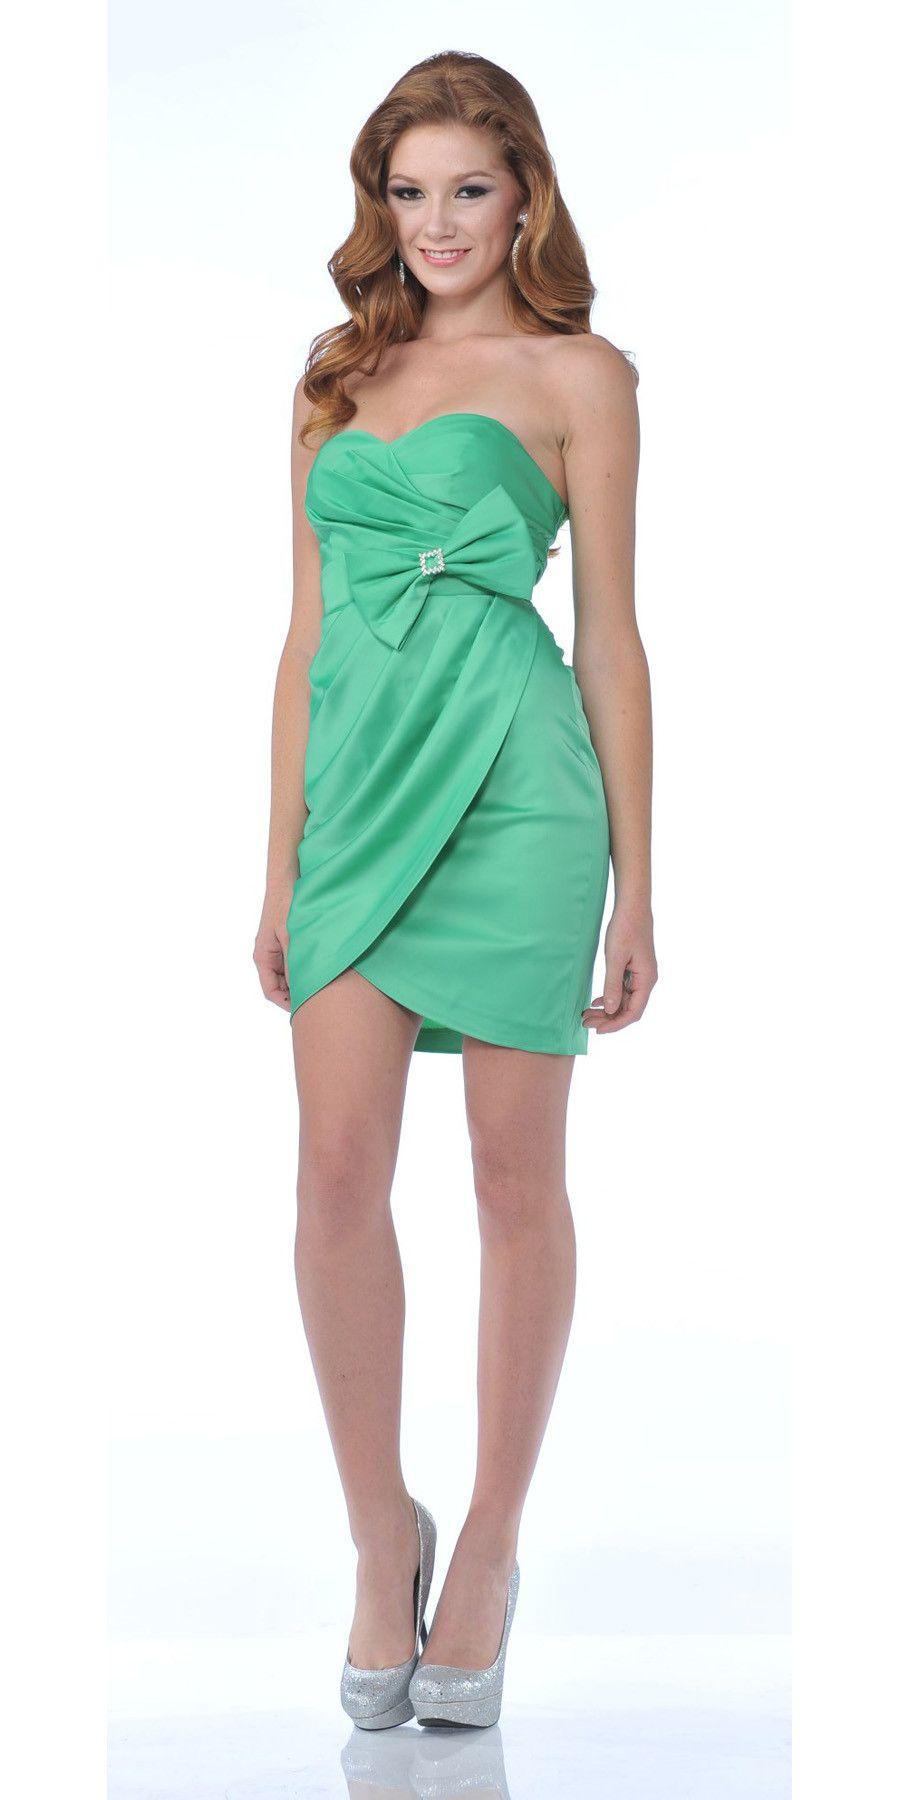 CLEARANCE - Short Green Cocktail Dress Tulip Skirt Strapless Bow Waist Wrap bd54b1703